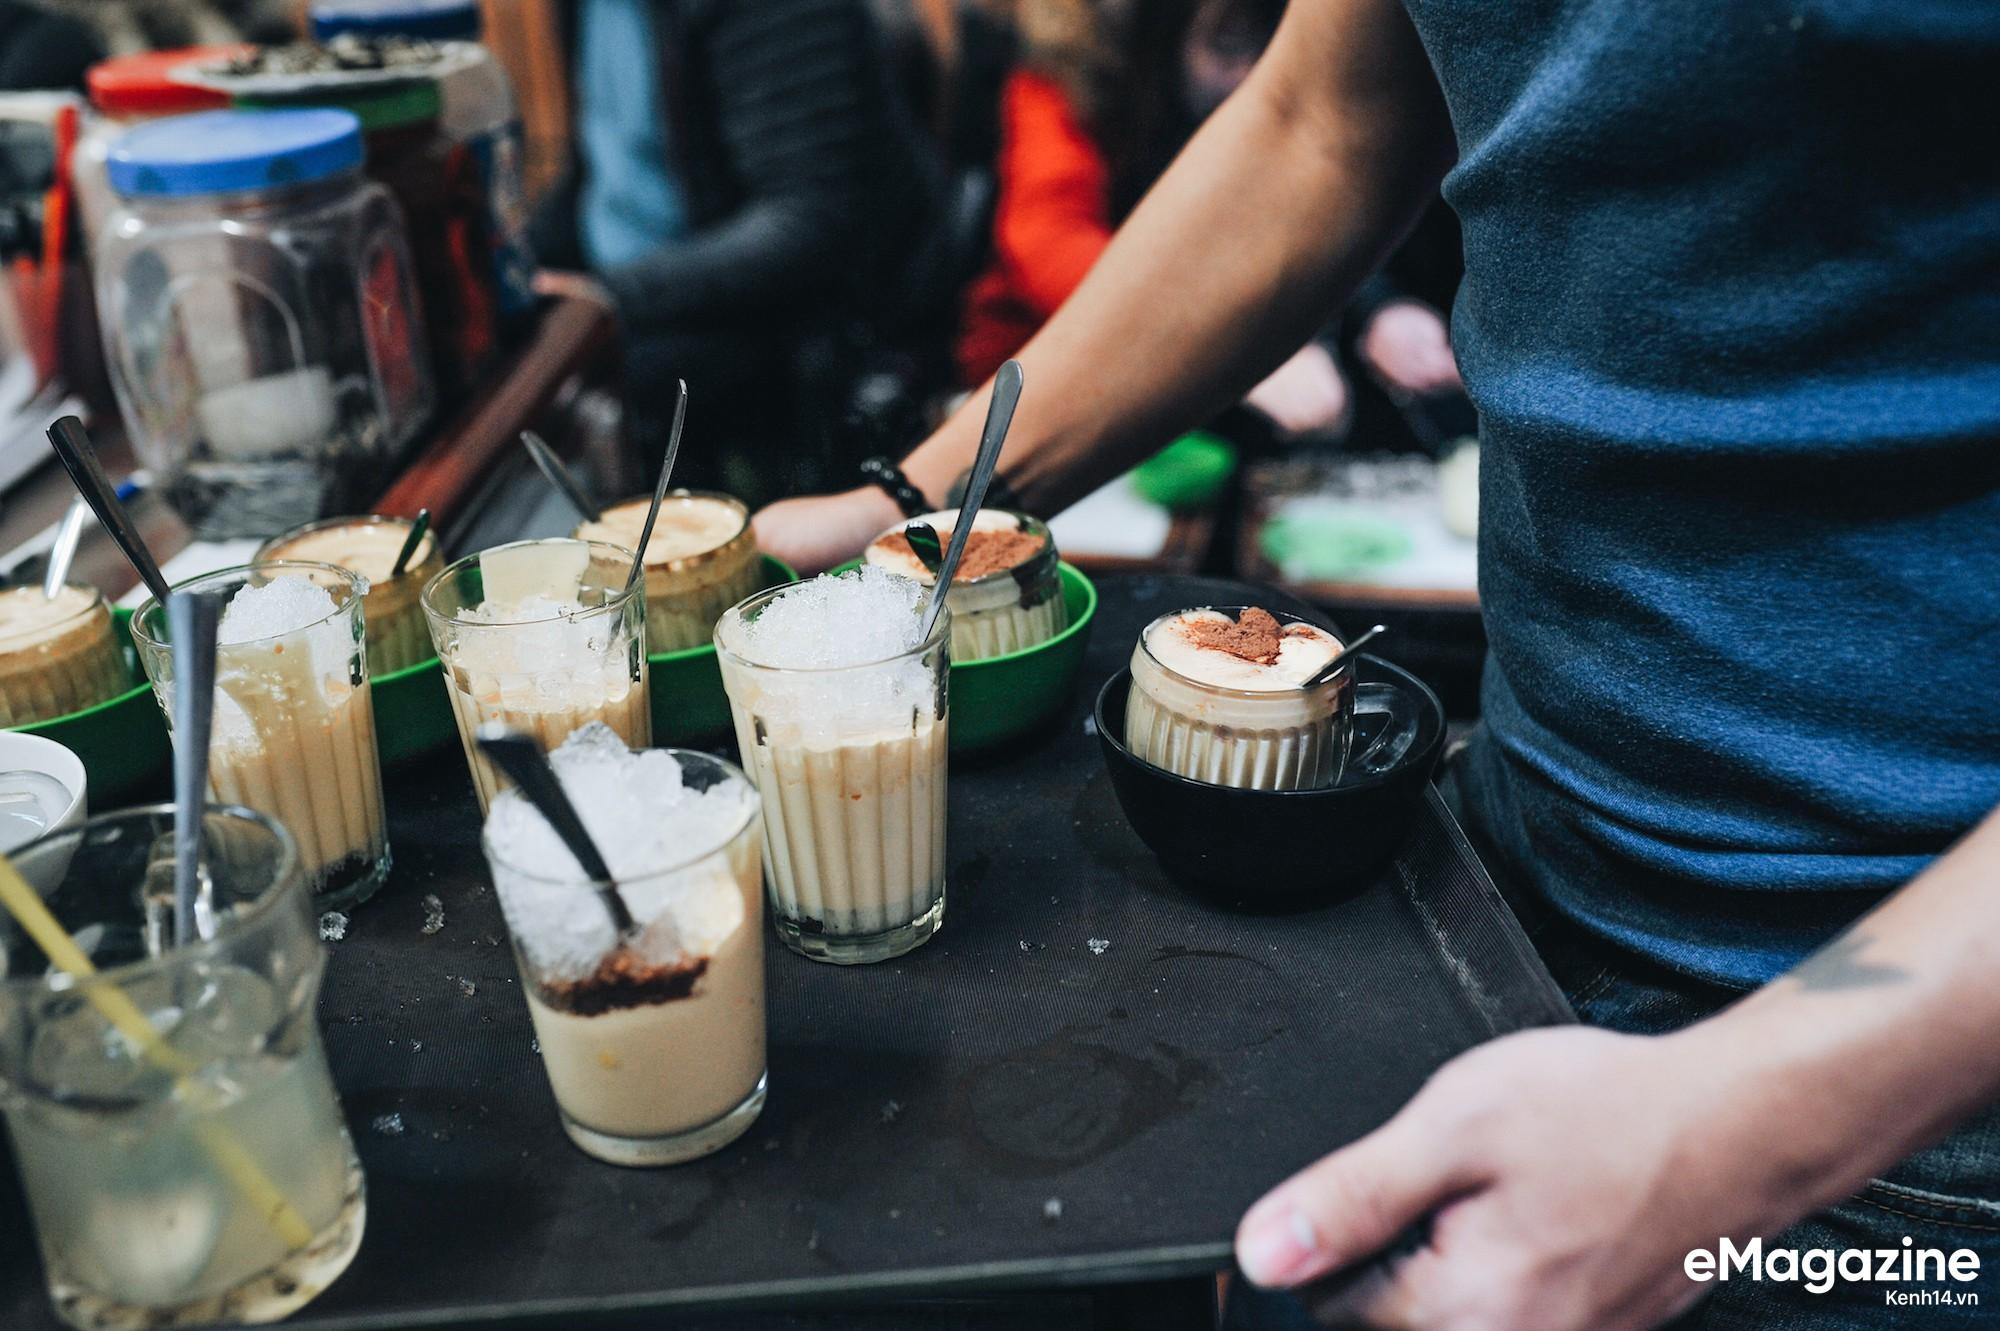 Đến Giảng không chỉ để uống một ly cafe trứng, mà còn để hưởng cái nhàn nhã rất Hà Nội của một quán xưa - Ảnh 5.